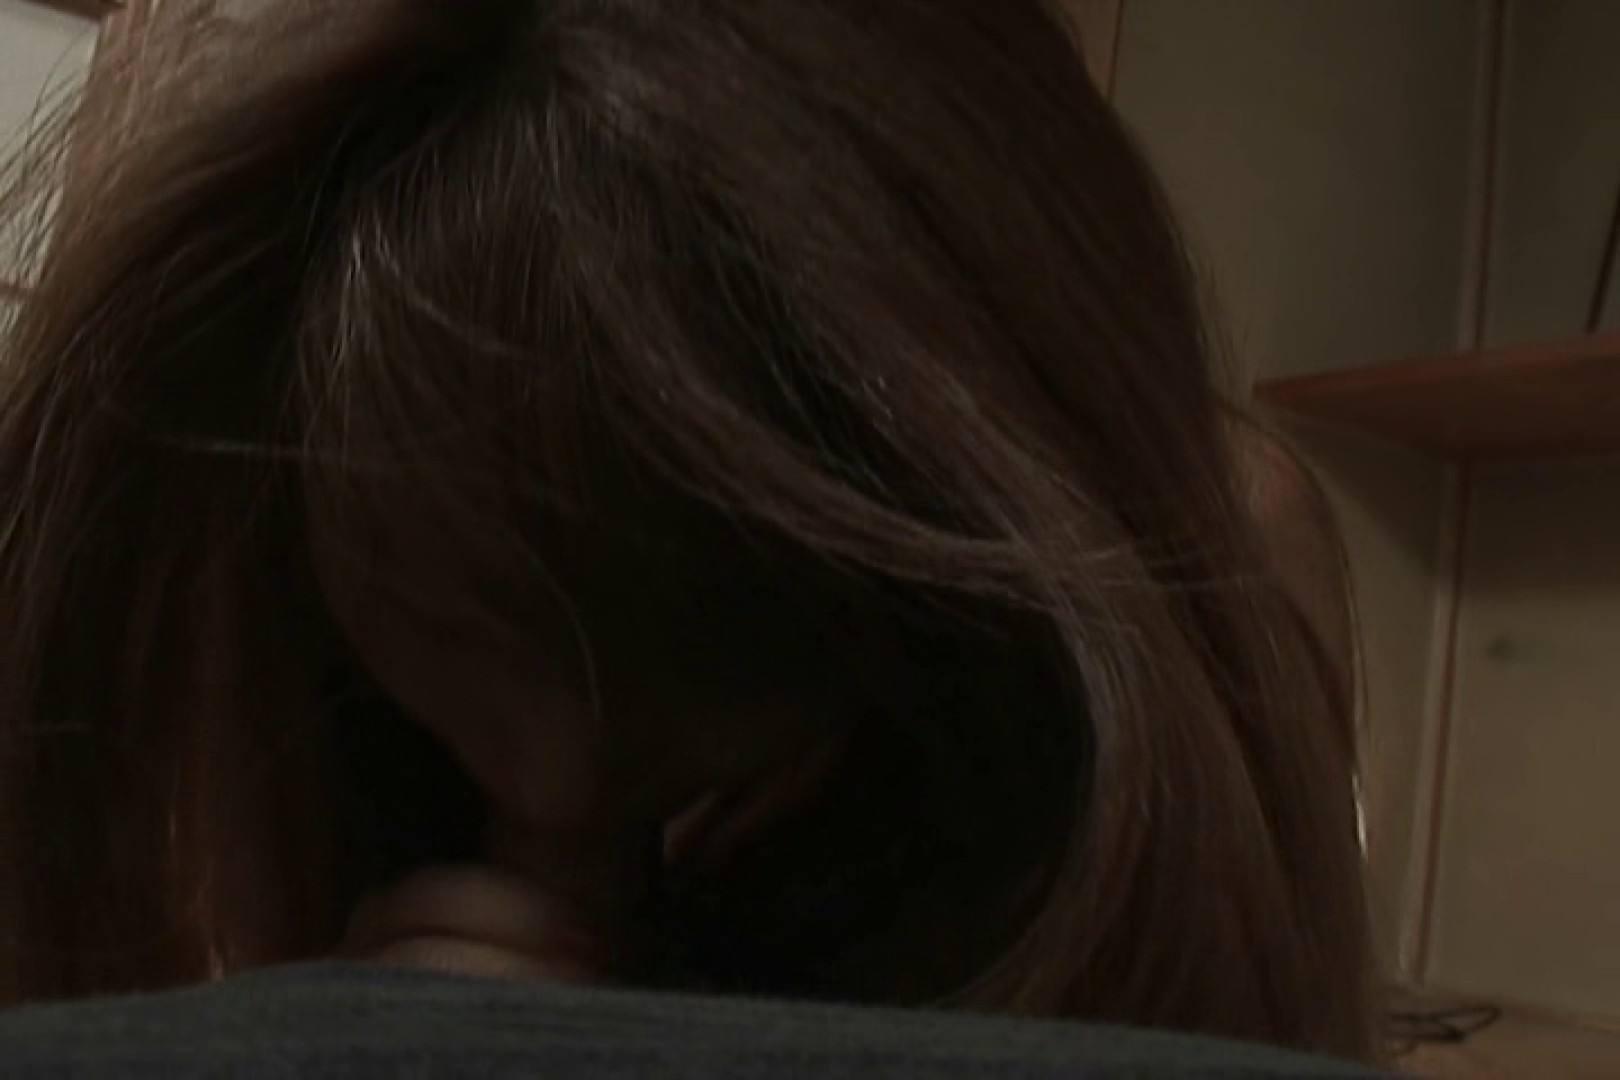 Aカップ奥様はまたがるのが大好き~森山ゆきこ~ SEX 濡れ場動画紹介 88pic 77